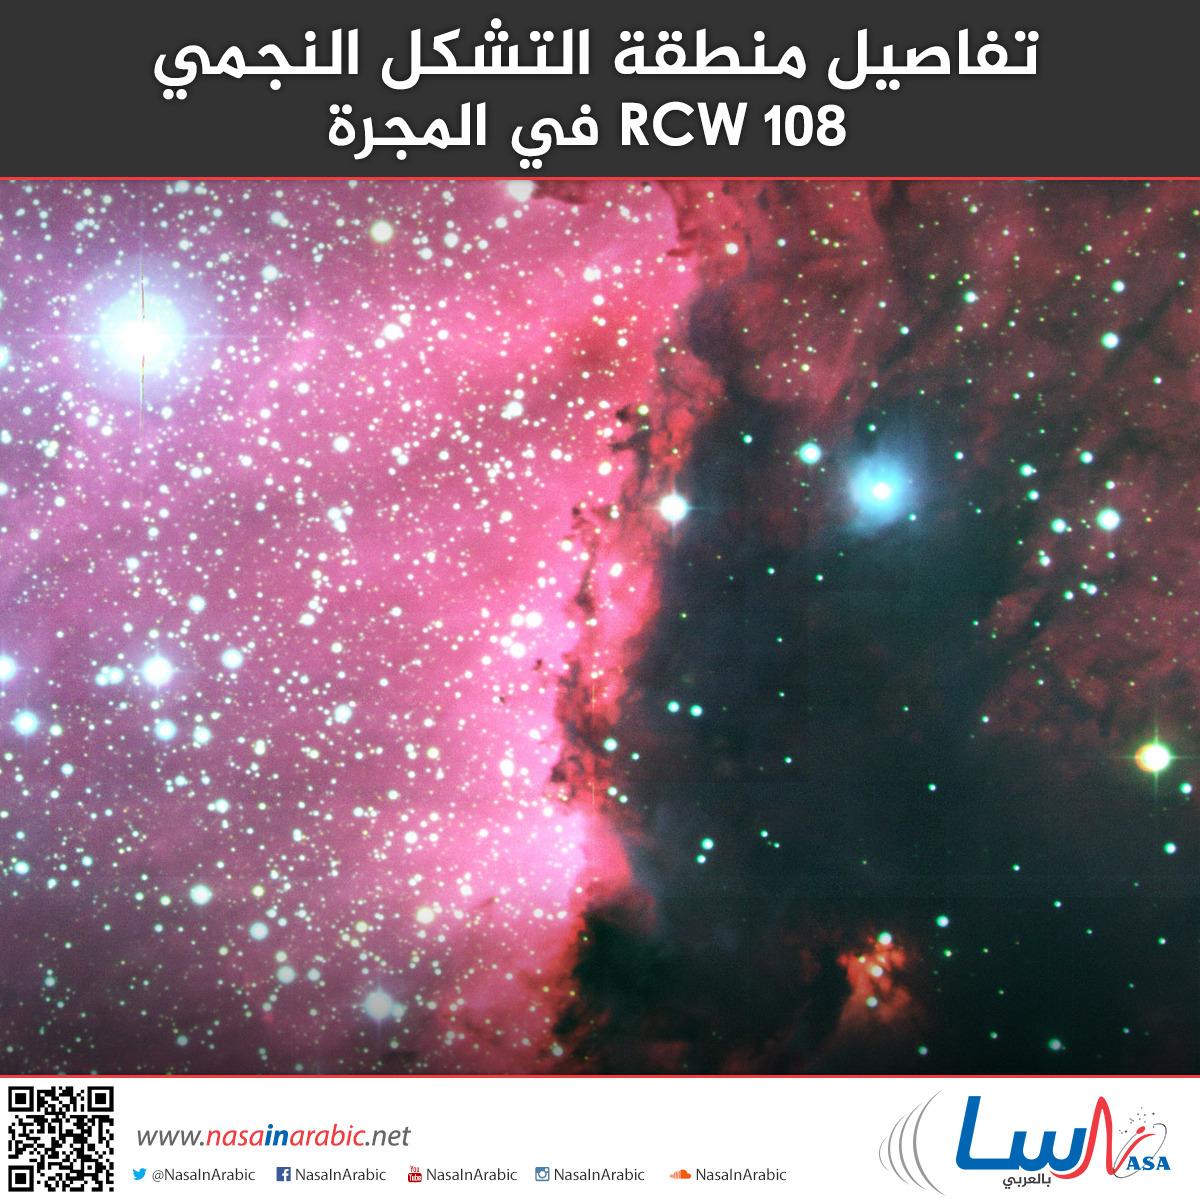 تفاصيل منطقة التشكل النجمي  RCW 108 في المجرة